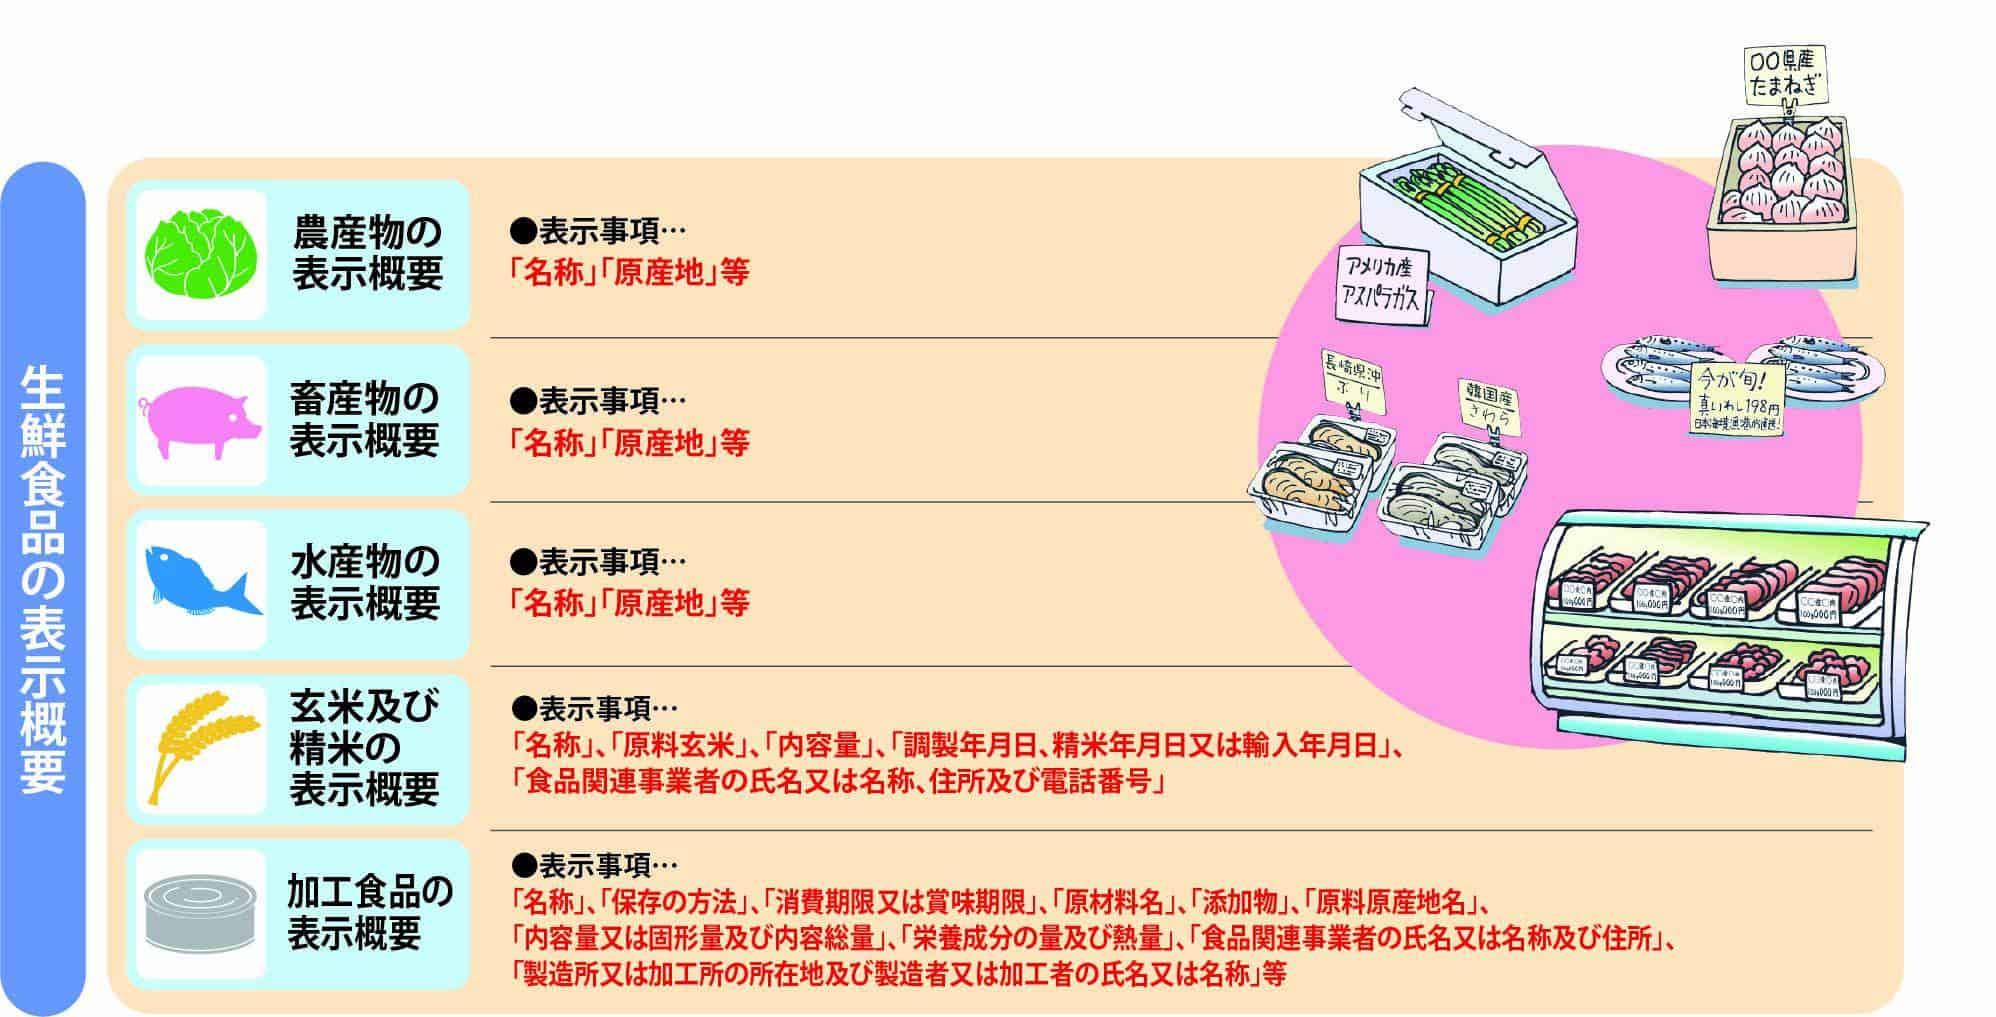 生鮮食品の表示概要